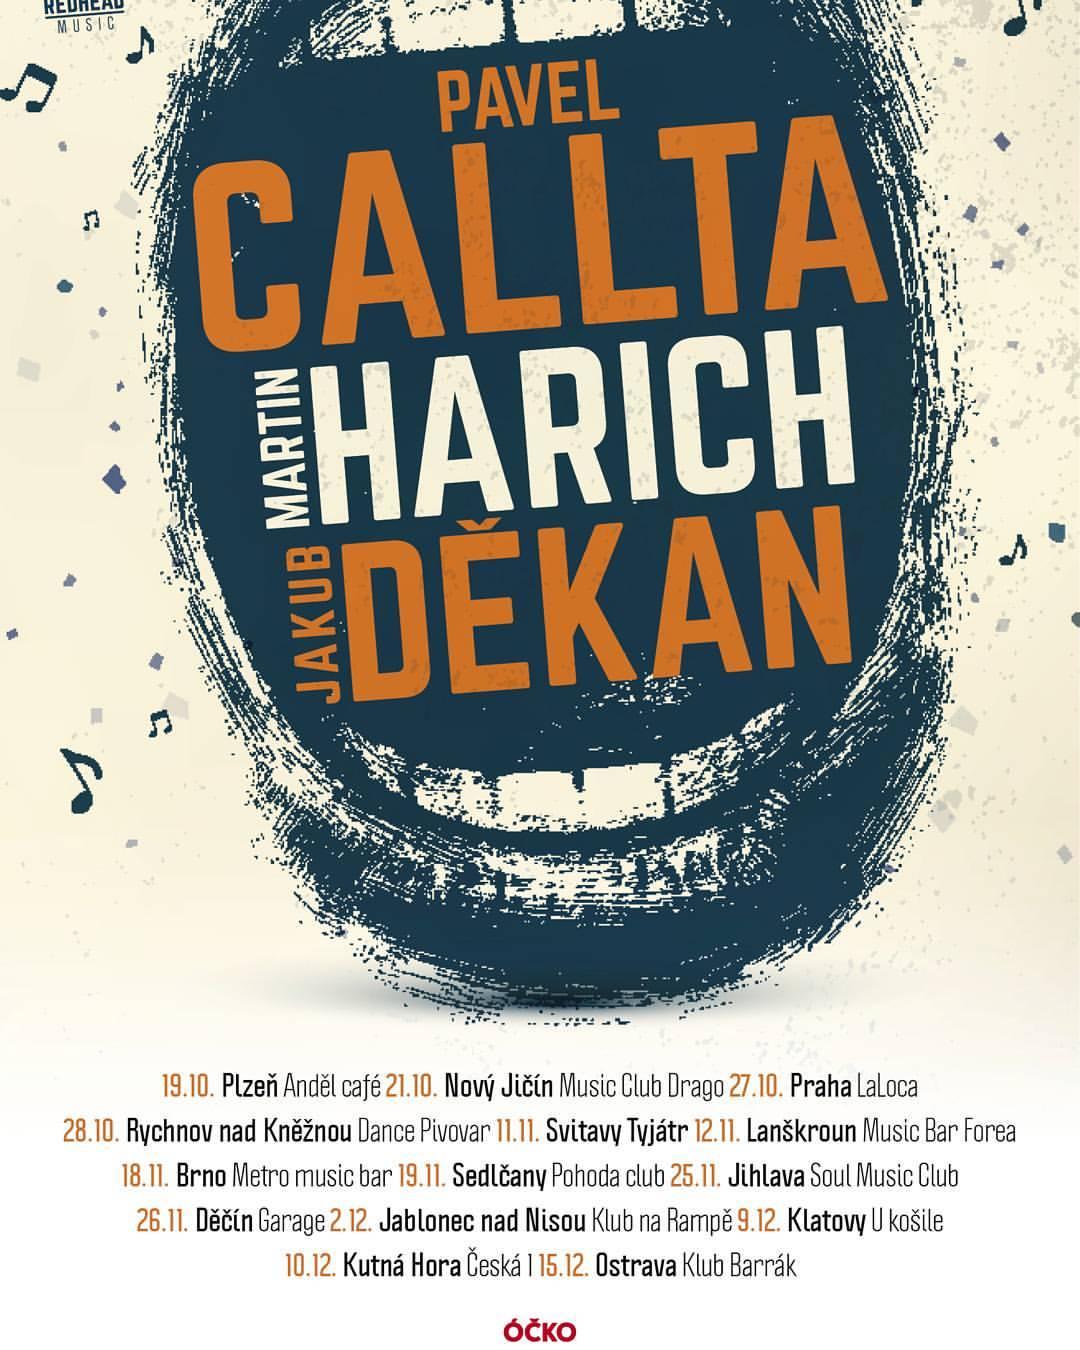 PAVEL CALLTA, MARTIN HARICH a JAKUB DĚKAN výrážejí na společné turné!